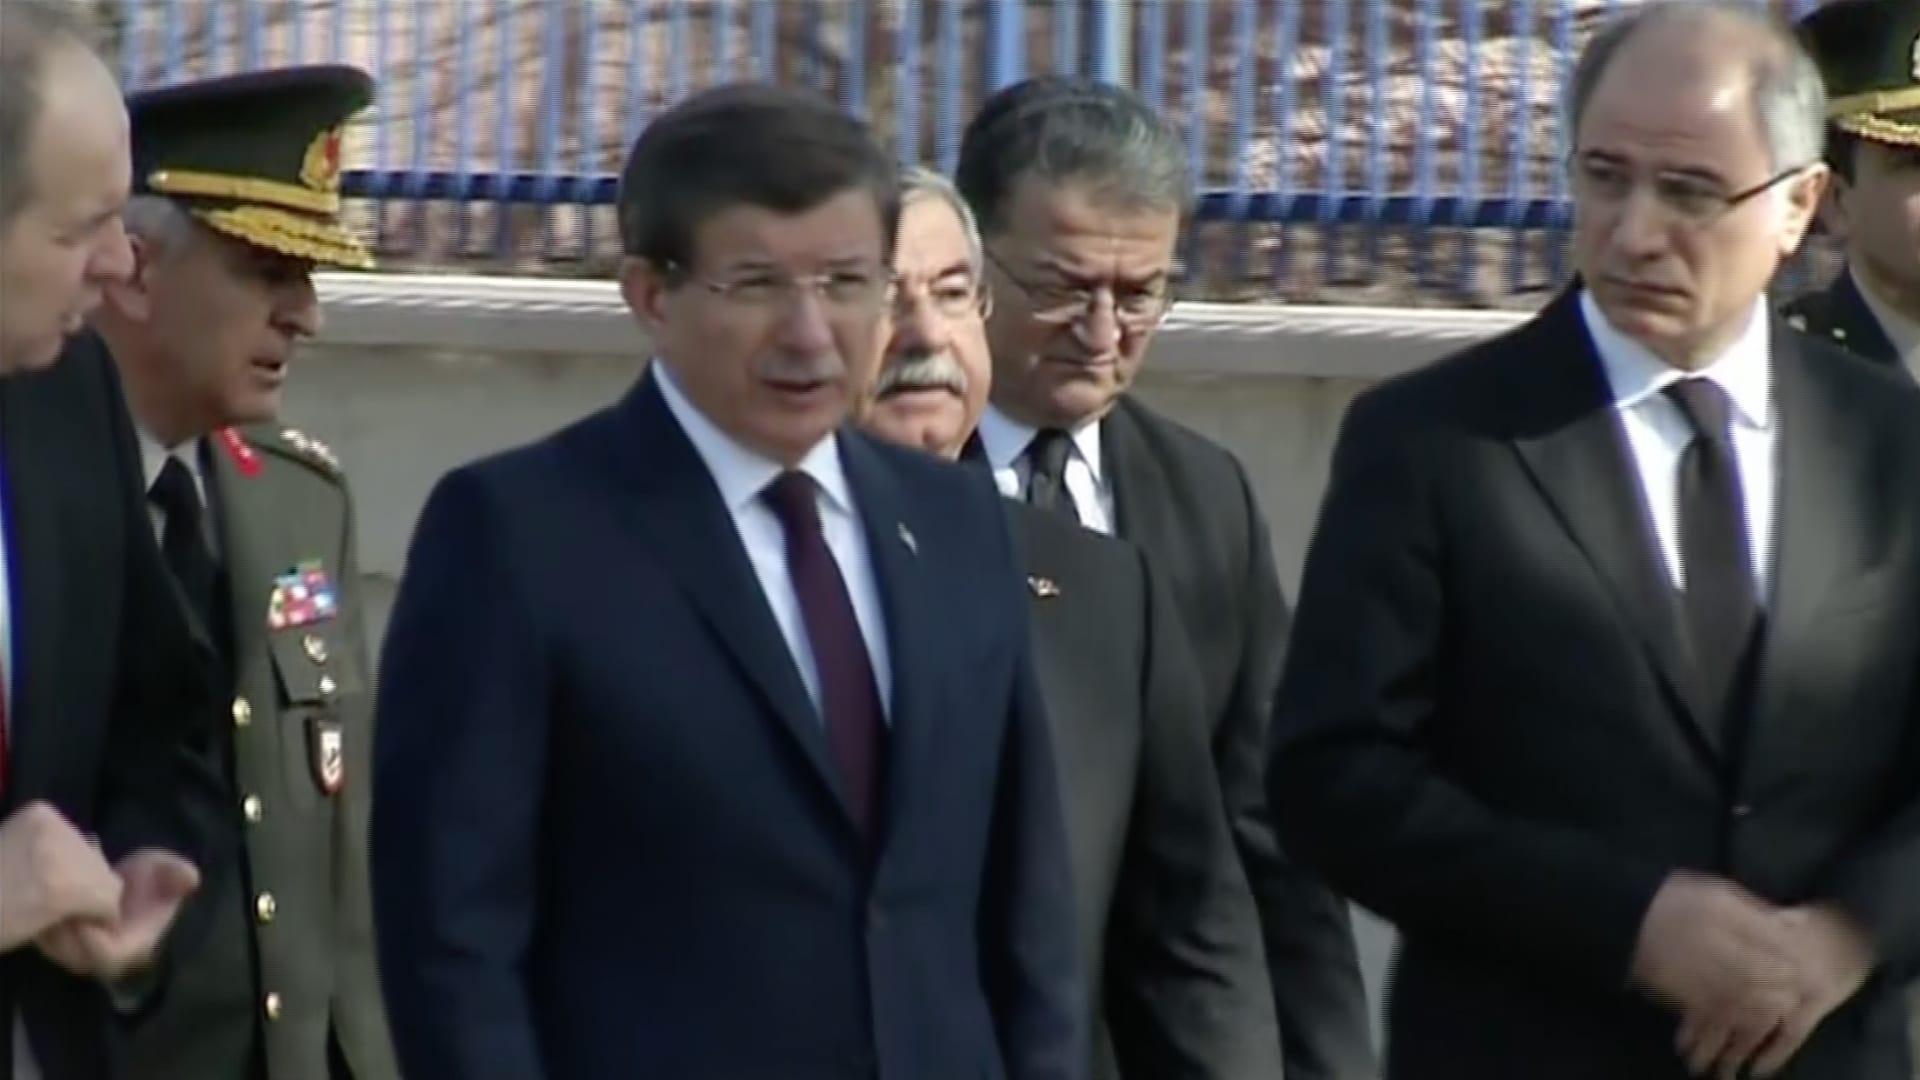 بالفيديو.. رئيس الوزراء التركي يعاين موقع الانفجار في أنقرة